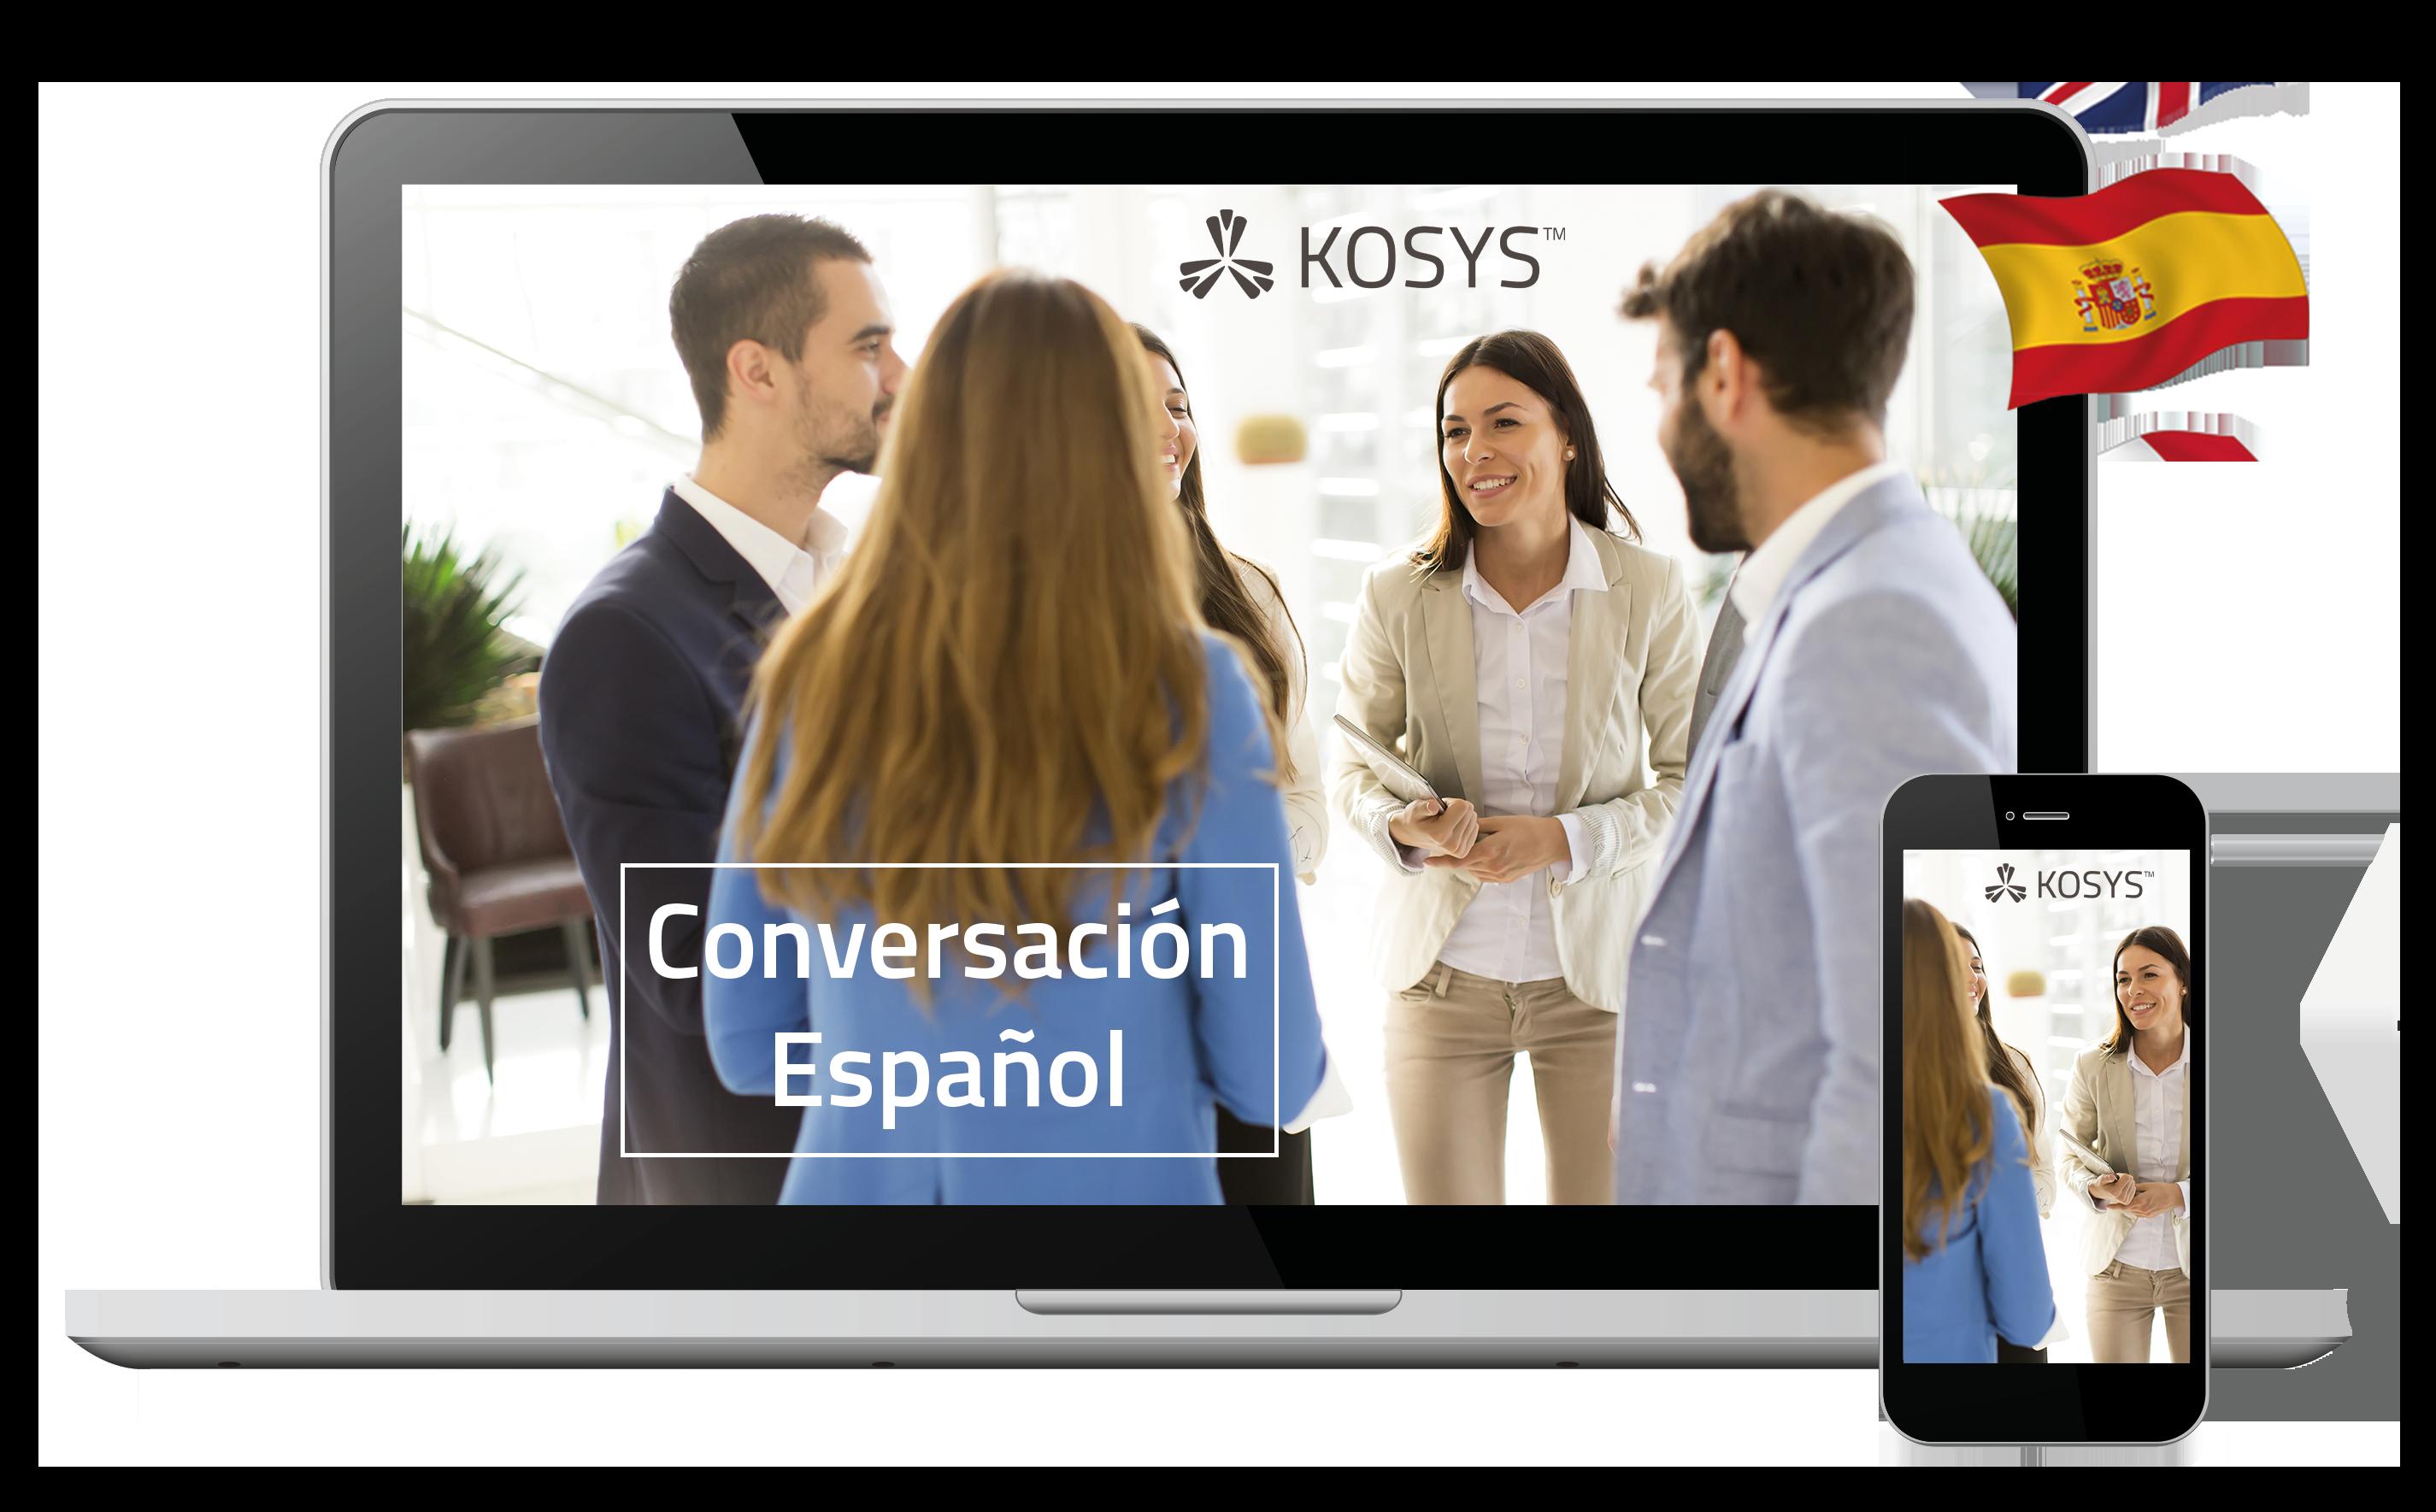 Conversation-Spanisch-Produktbild-Kopie